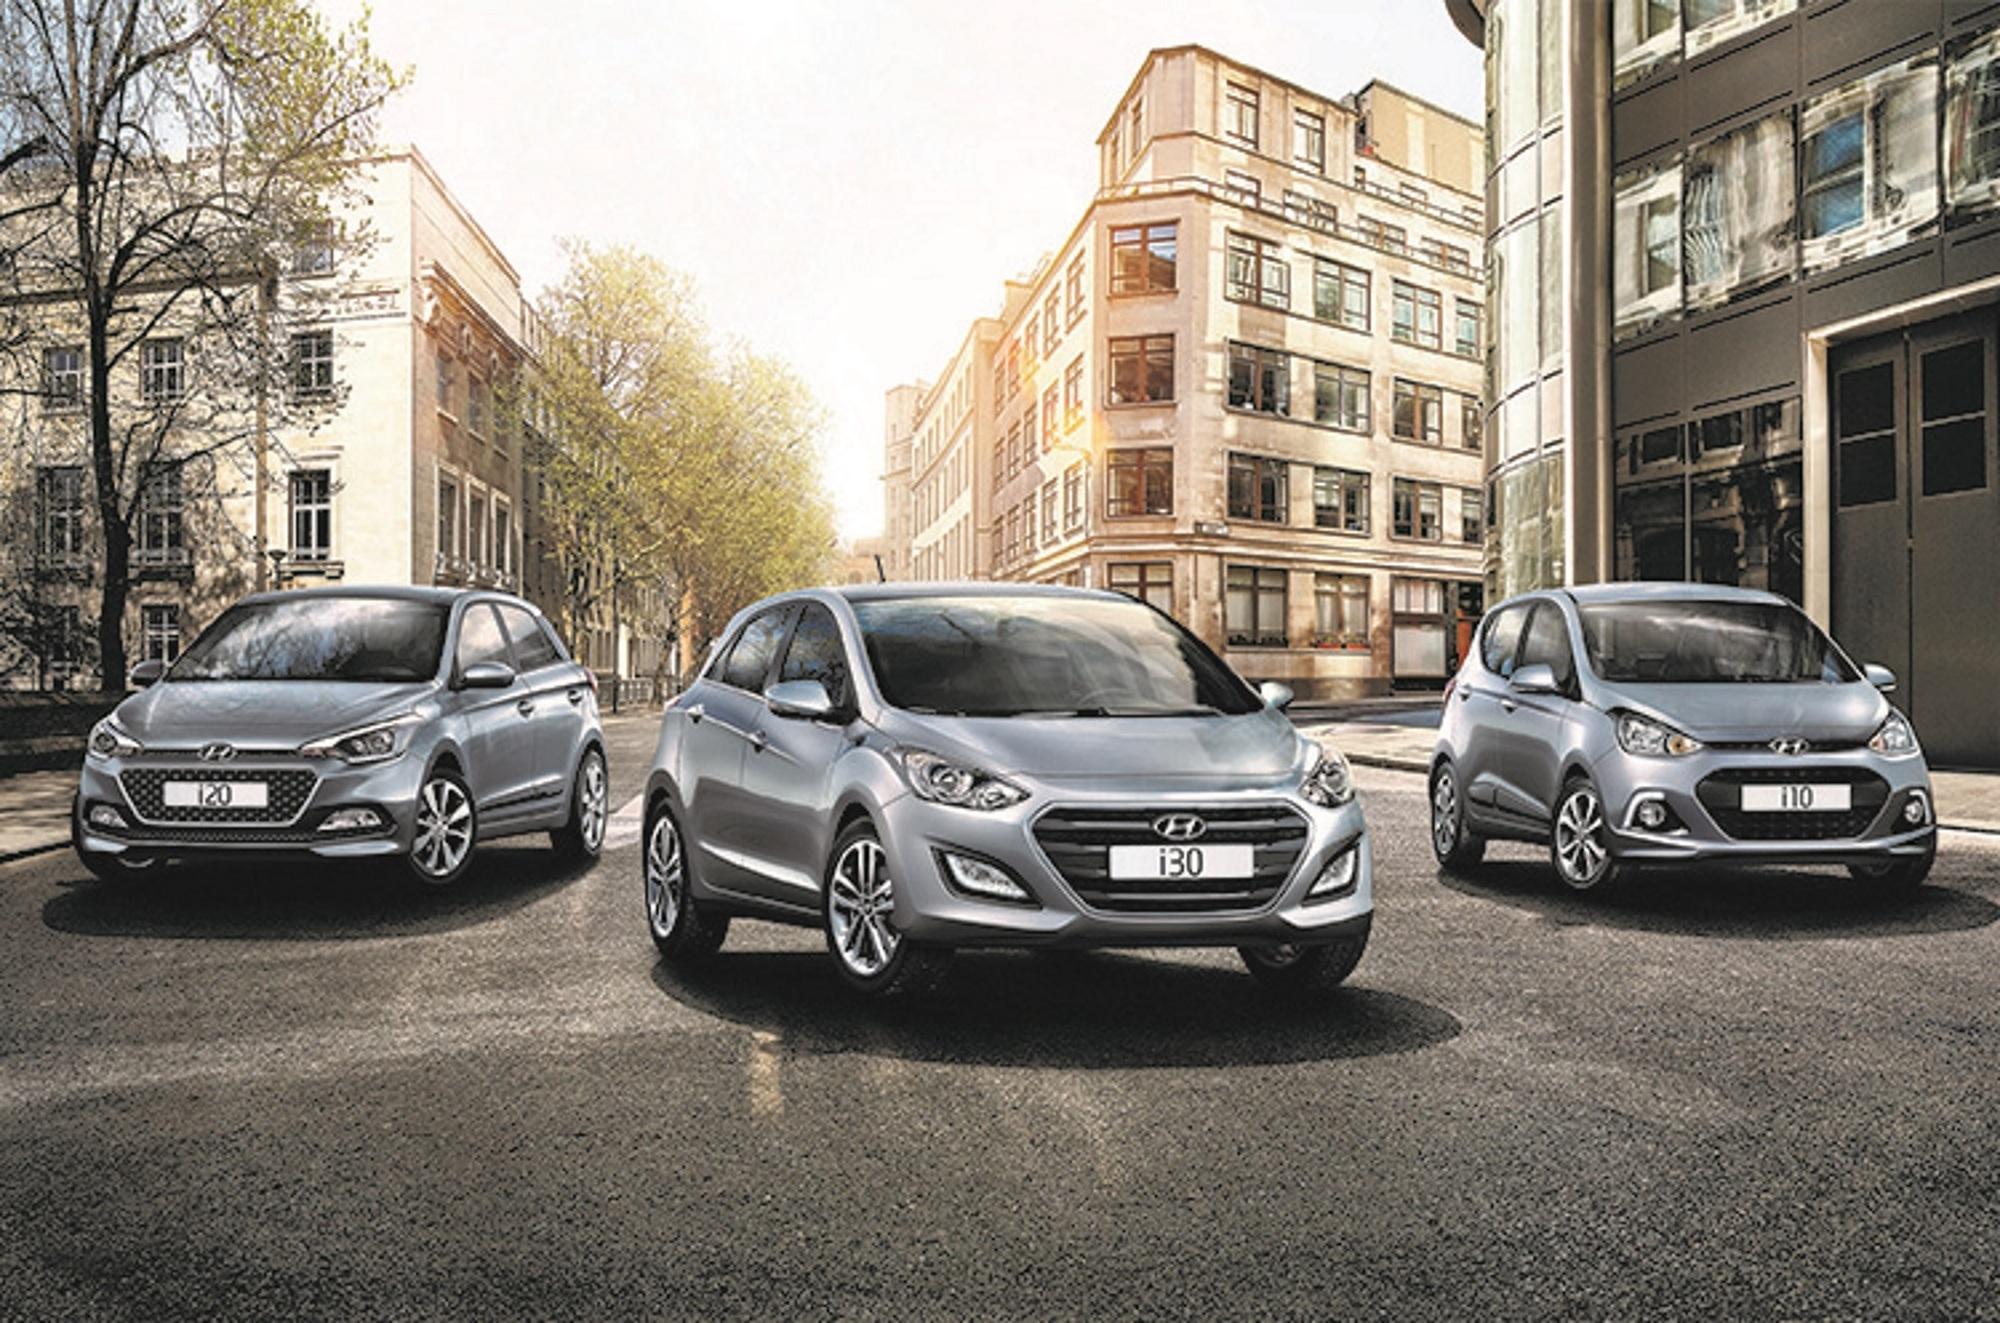 Hyundai-Sondermodelle  i10, i20 und i30 - Günstiges in Silber und Gold